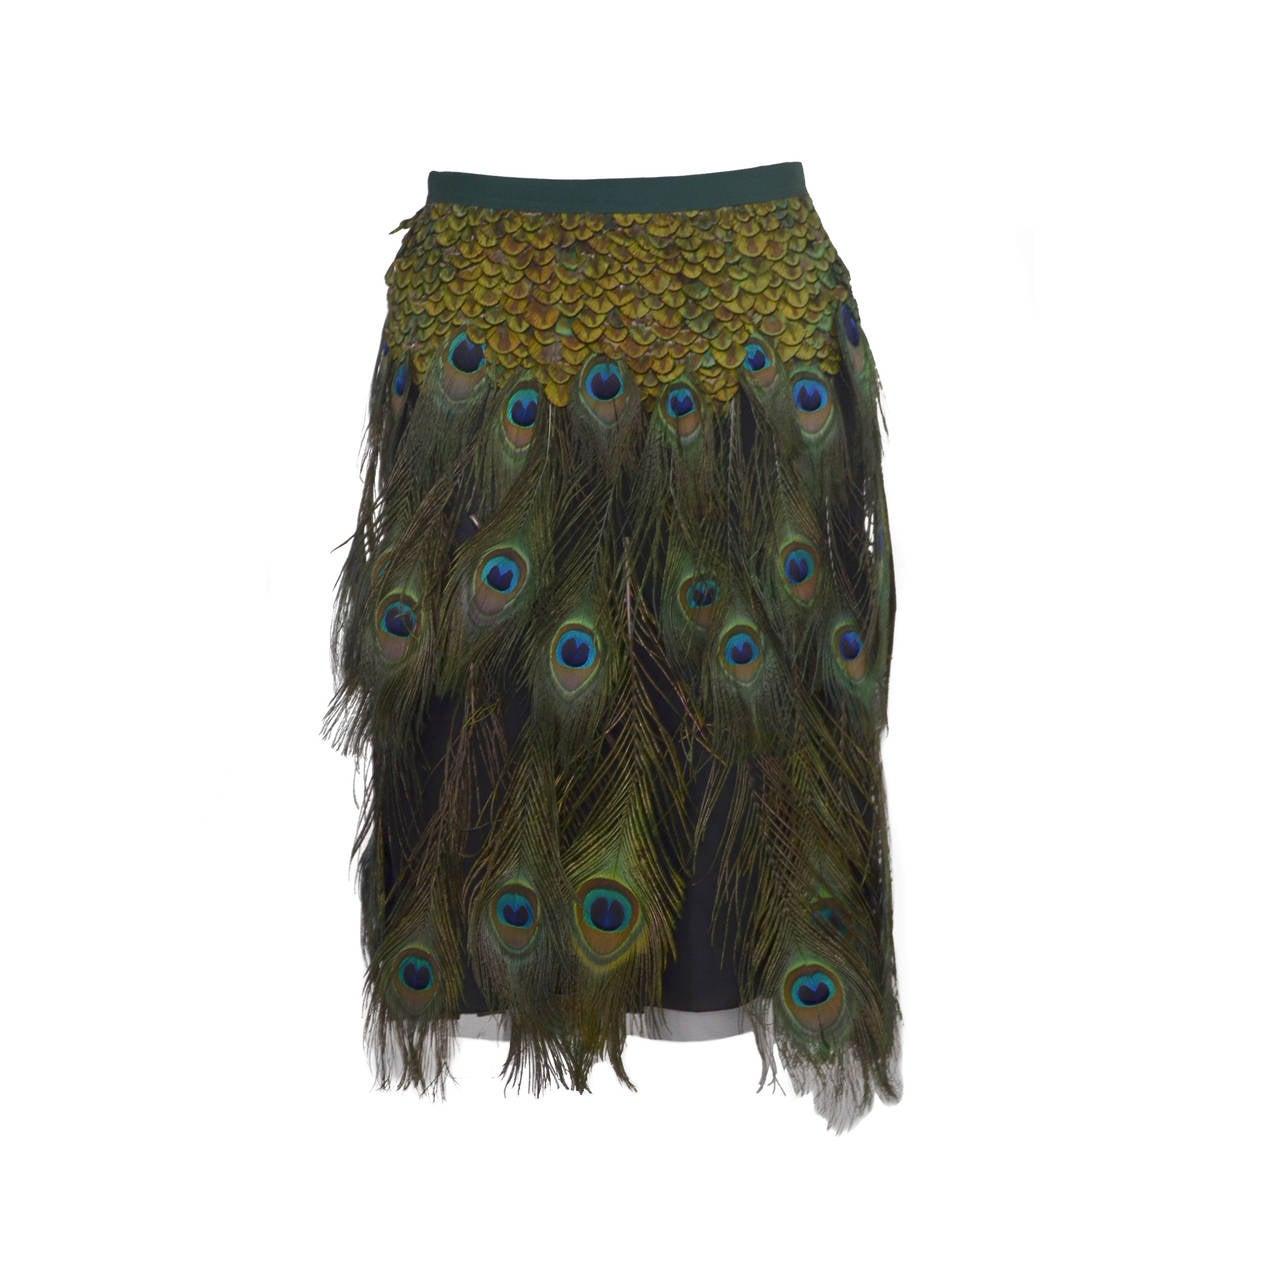 Prada Peacock  Runway Skirt  New 38